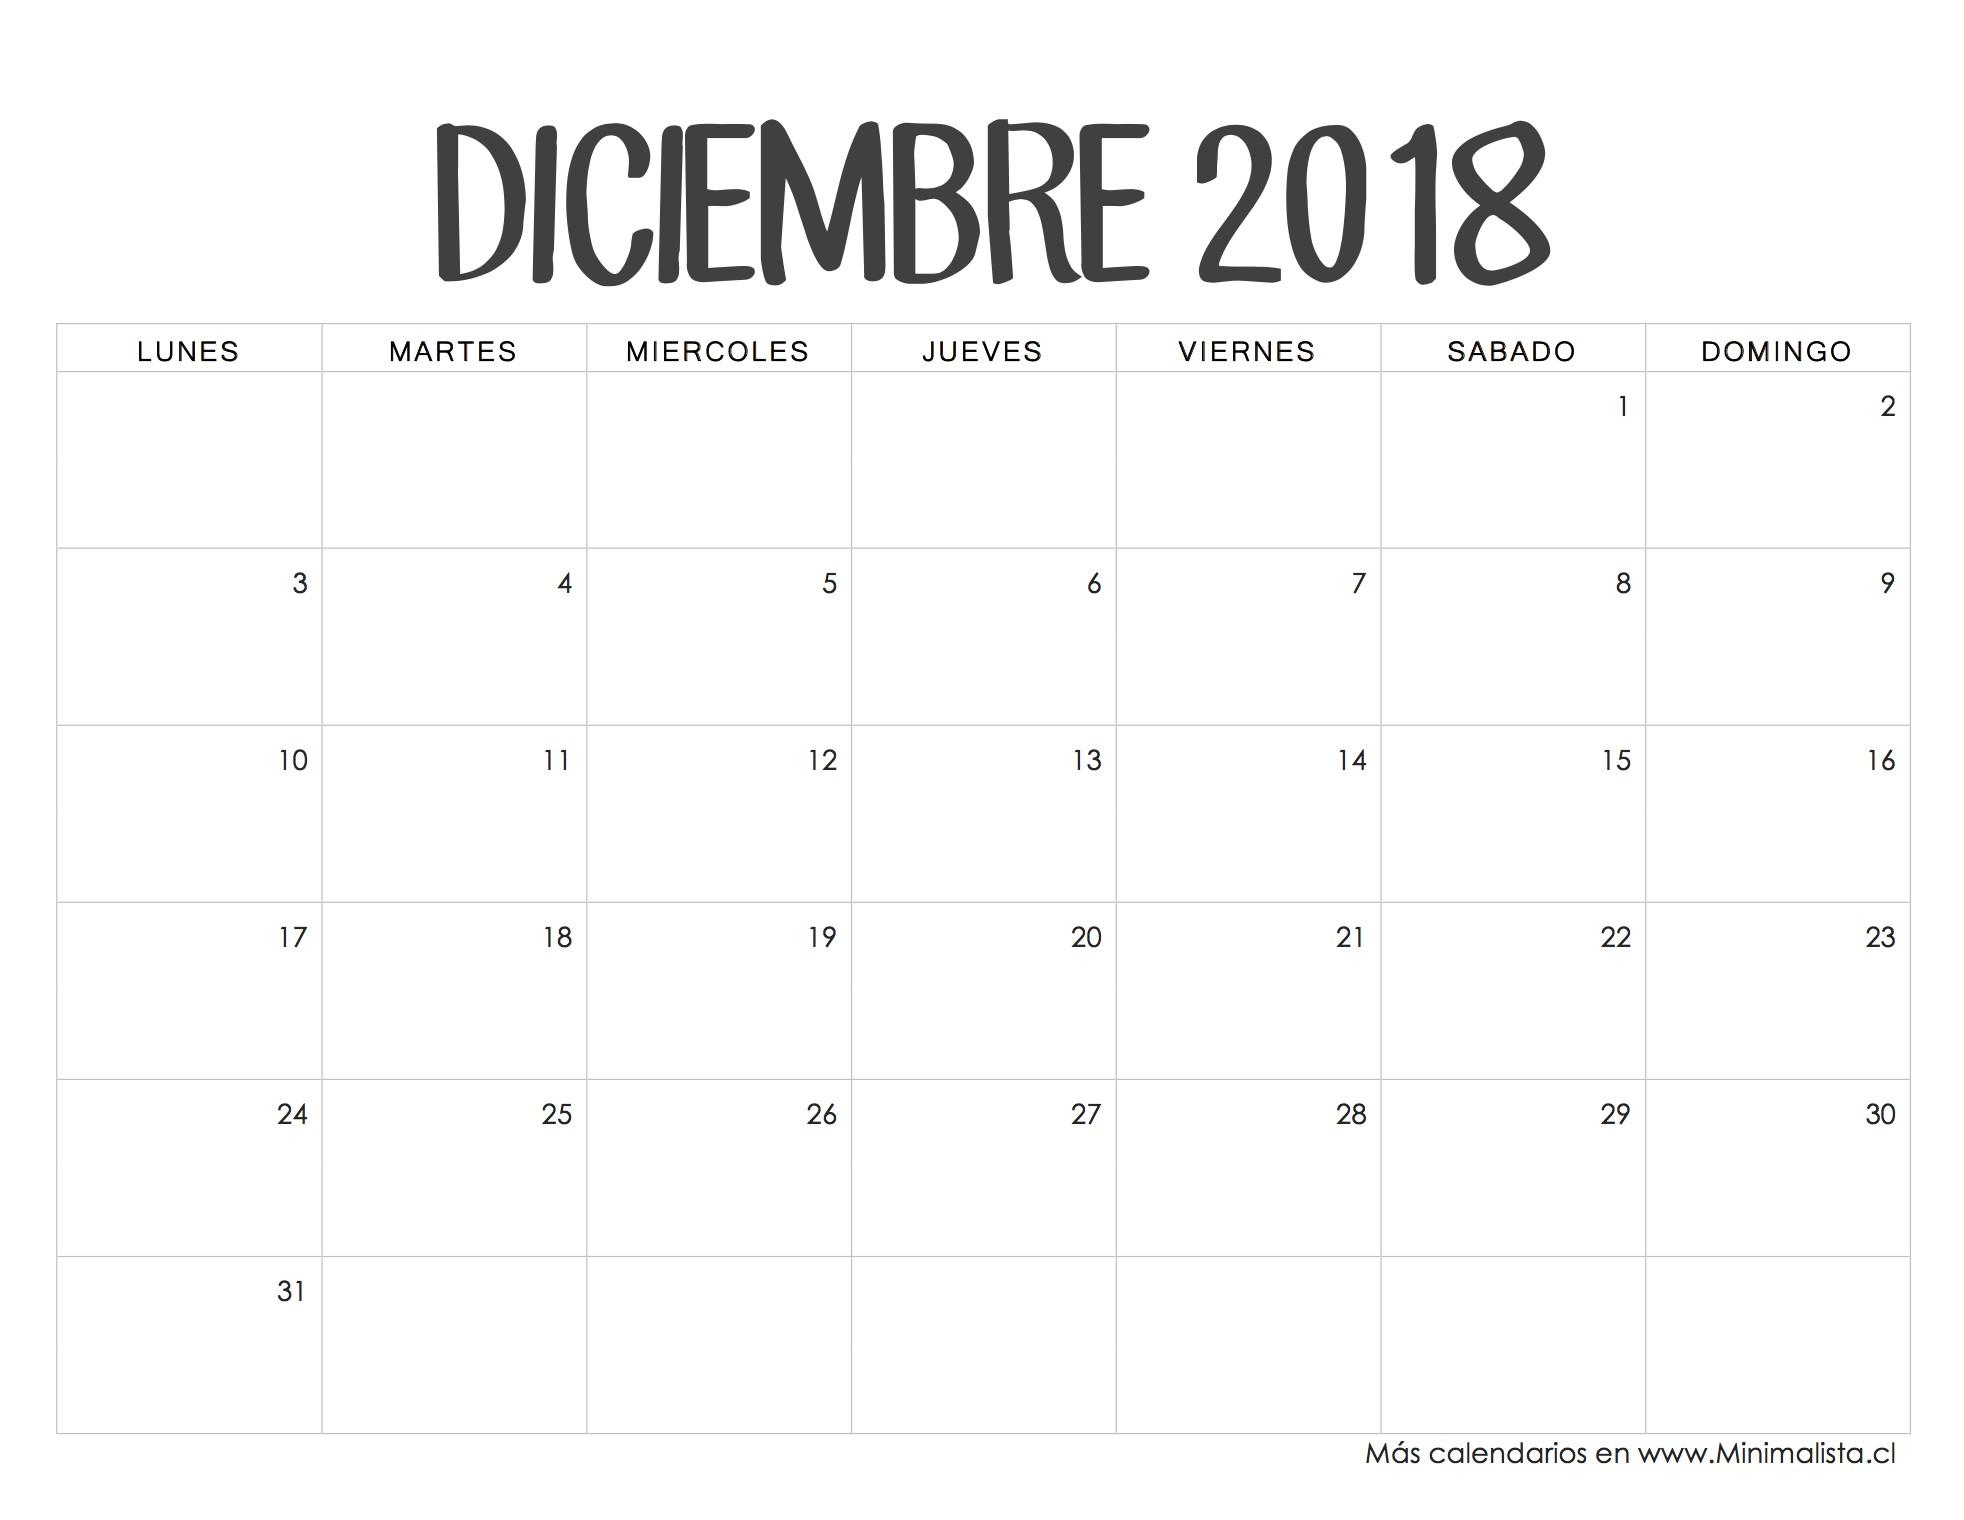 Calendario 2019 Chile Con Feriados Para Imprimir Gratis Más Recientes Calendario Diciembre 2018 Bullet Joanar Pinterest Of Calendario 2019 Chile Con Feriados Para Imprimir Gratis Más Recientemente Liberado Calendario Chile A±o 2019